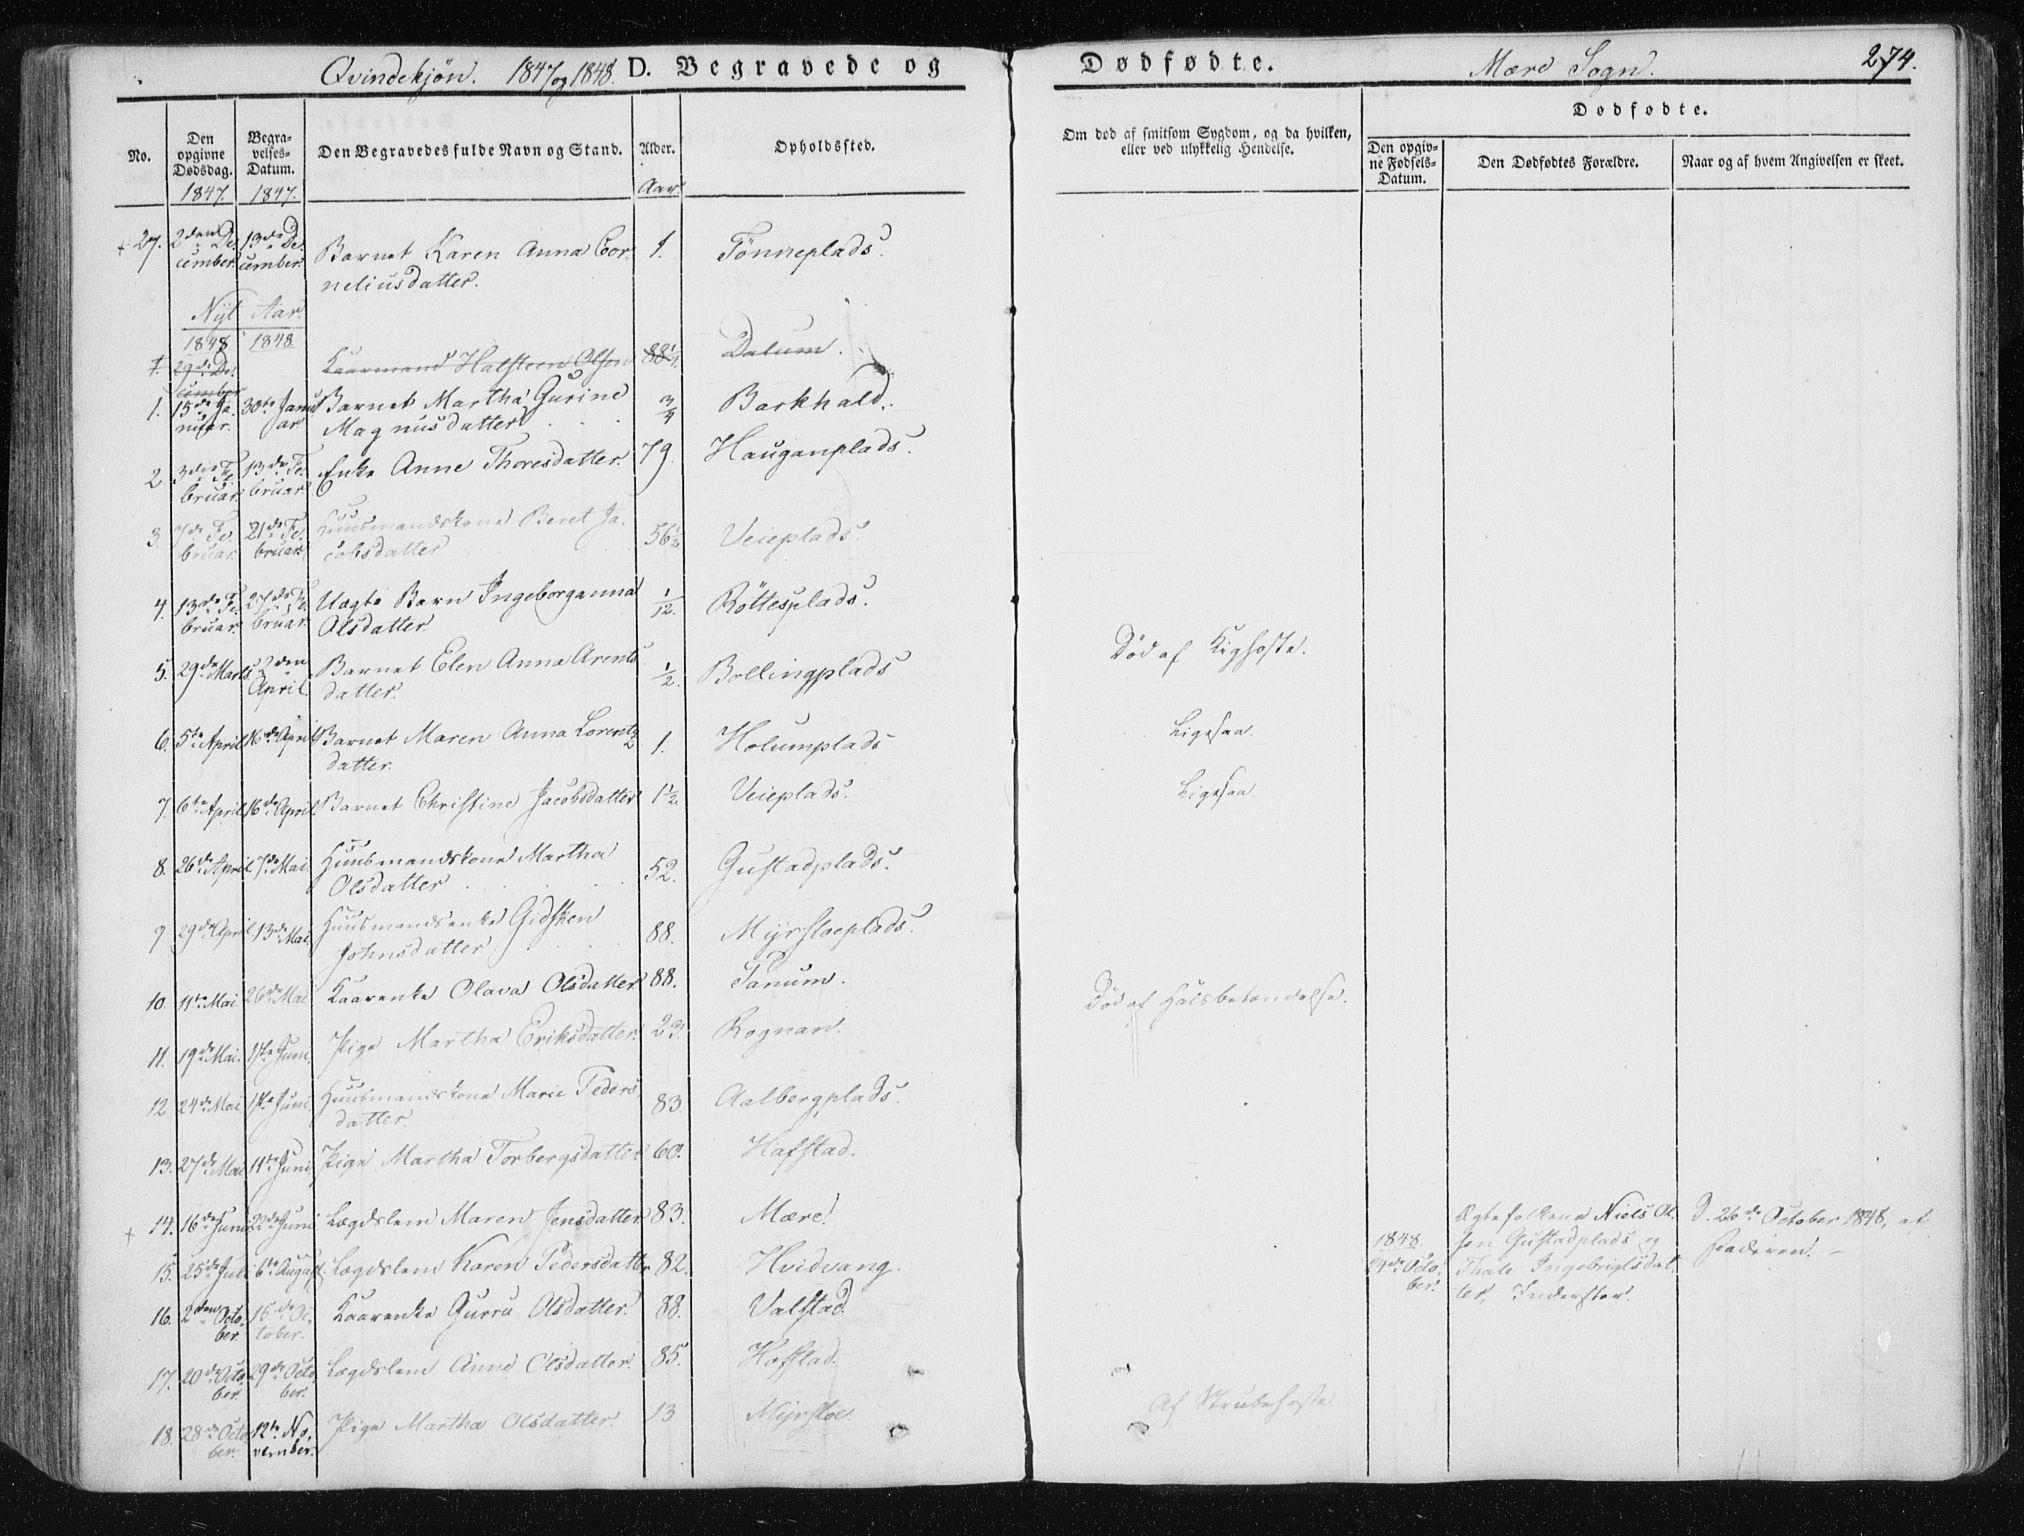 SAT, Ministerialprotokoller, klokkerbøker og fødselsregistre - Nord-Trøndelag, 735/L0339: Ministerialbok nr. 735A06 /1, 1836-1848, s. 274